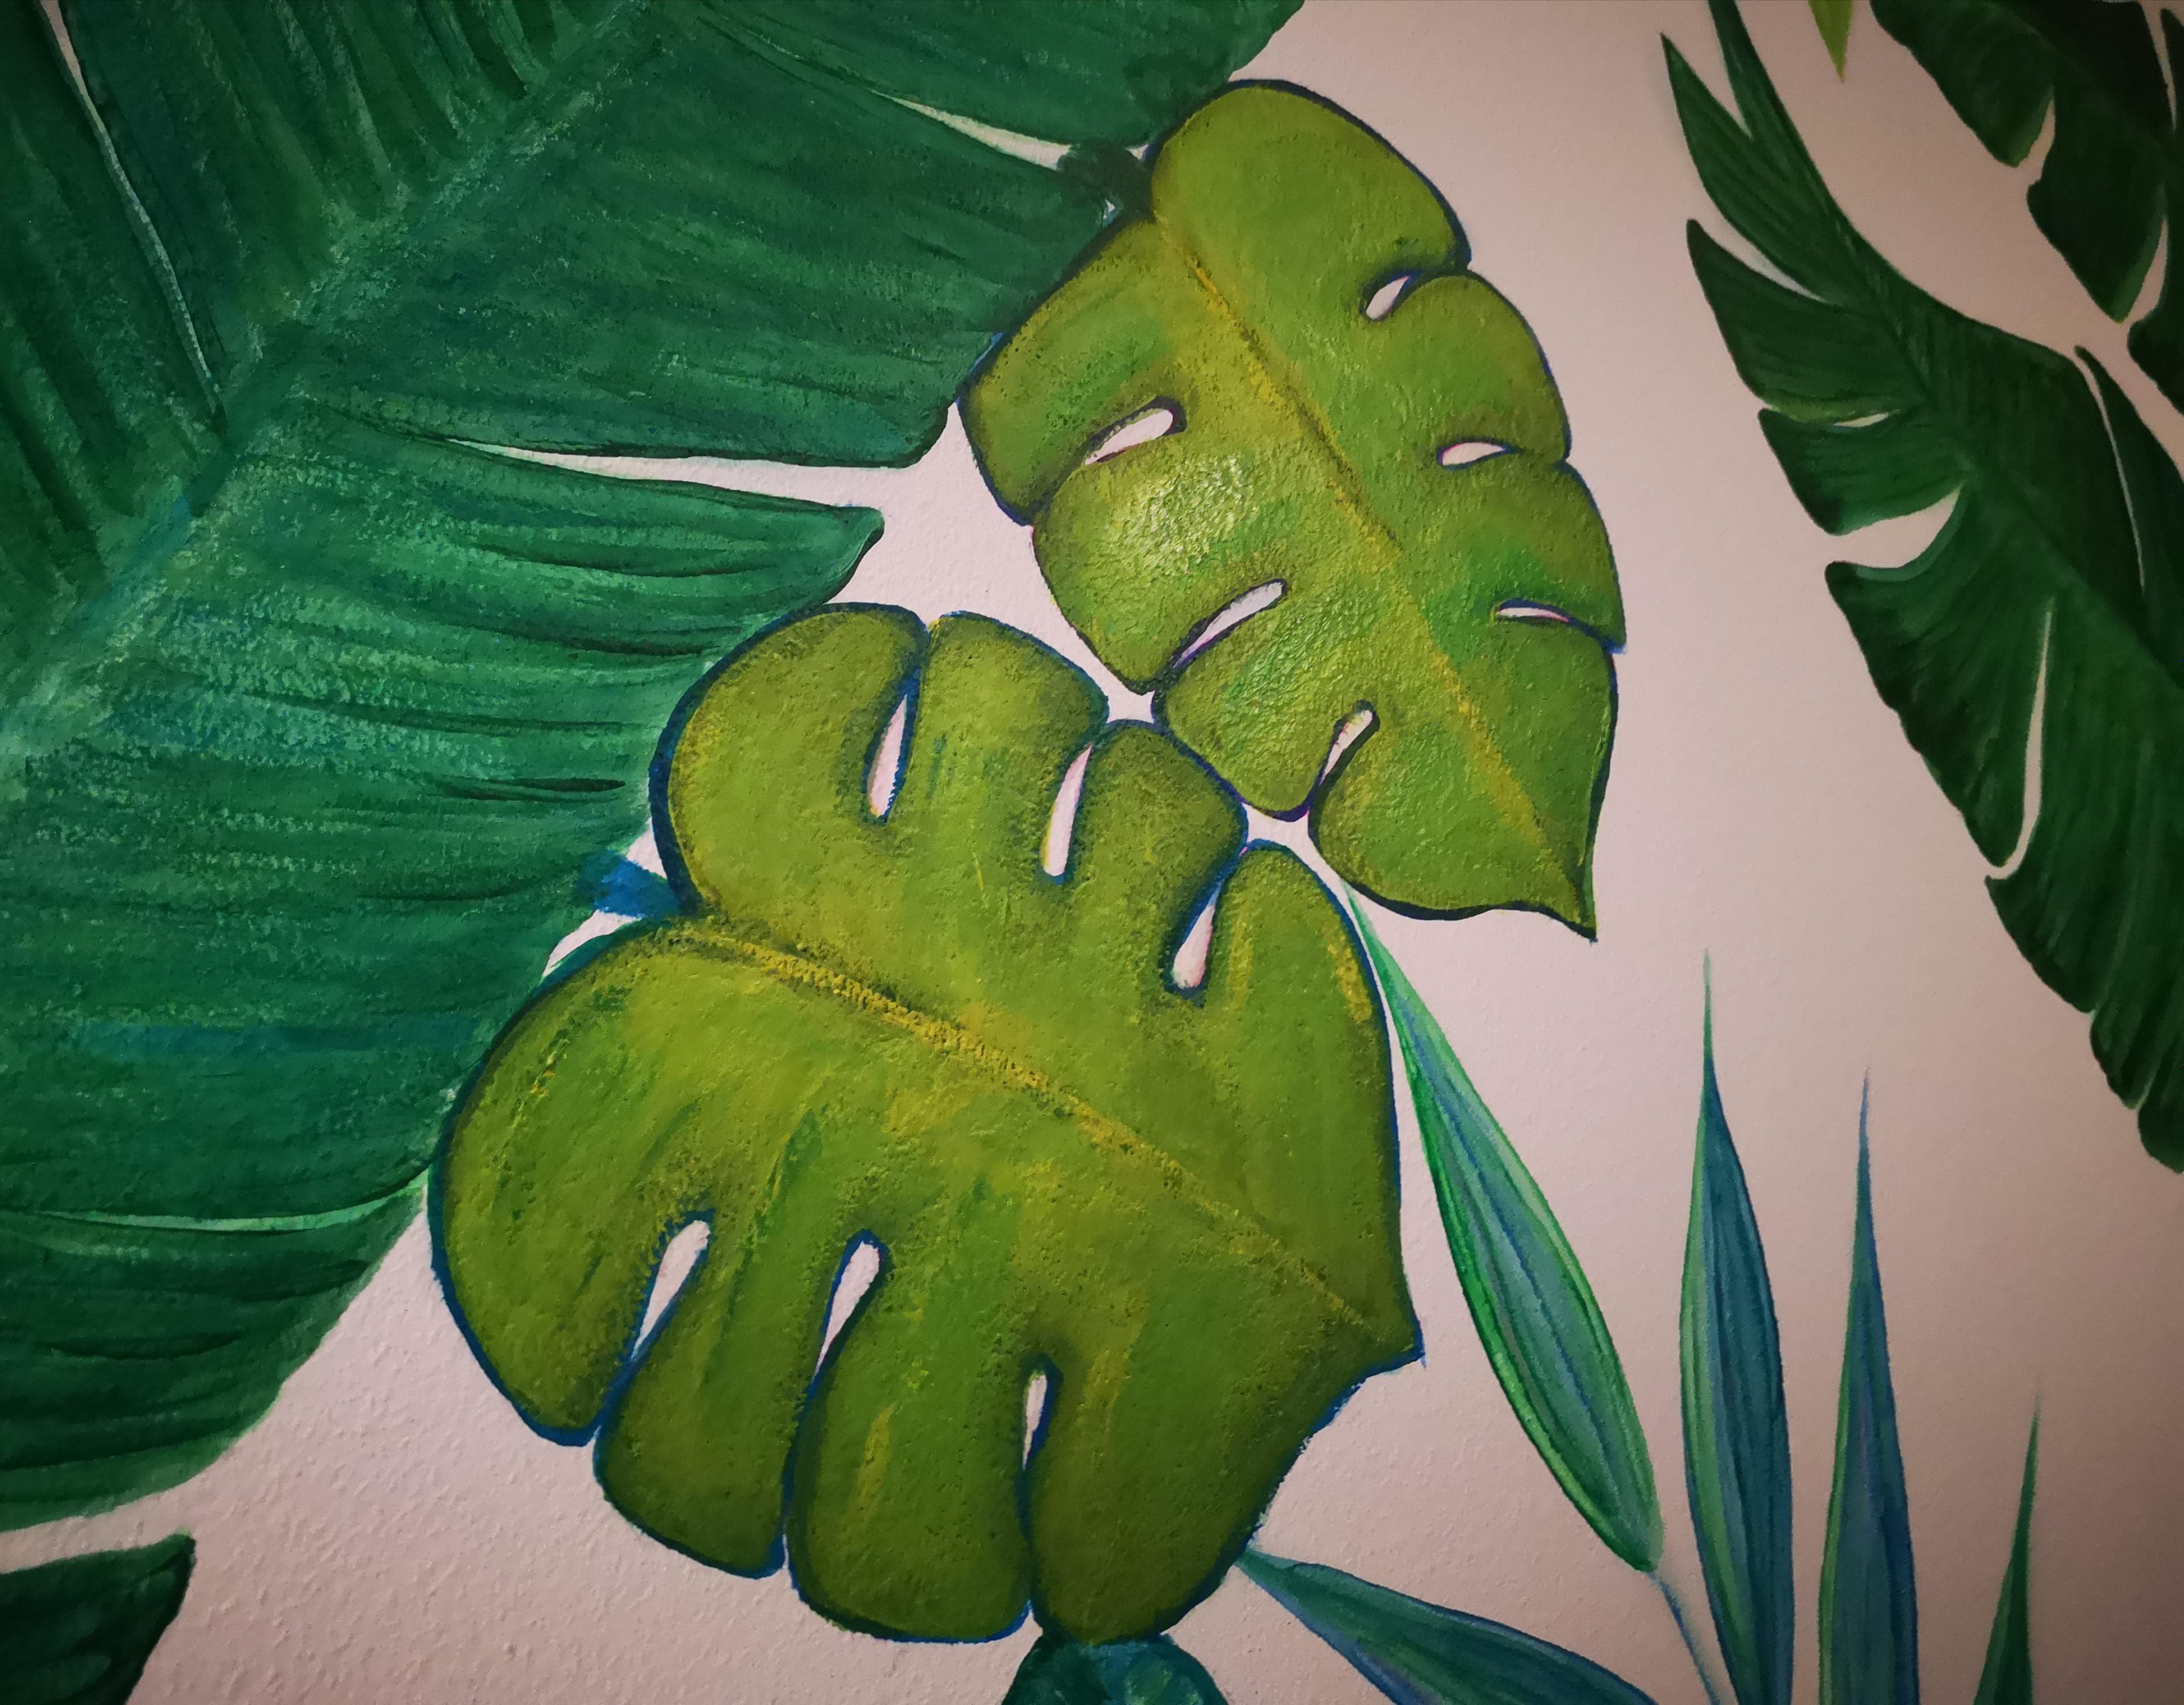 Diferentes hojas pintadas en el mural decorativo tropical pintado en la pared con pintura acrílica, por CreativeSalo (S. V. A)